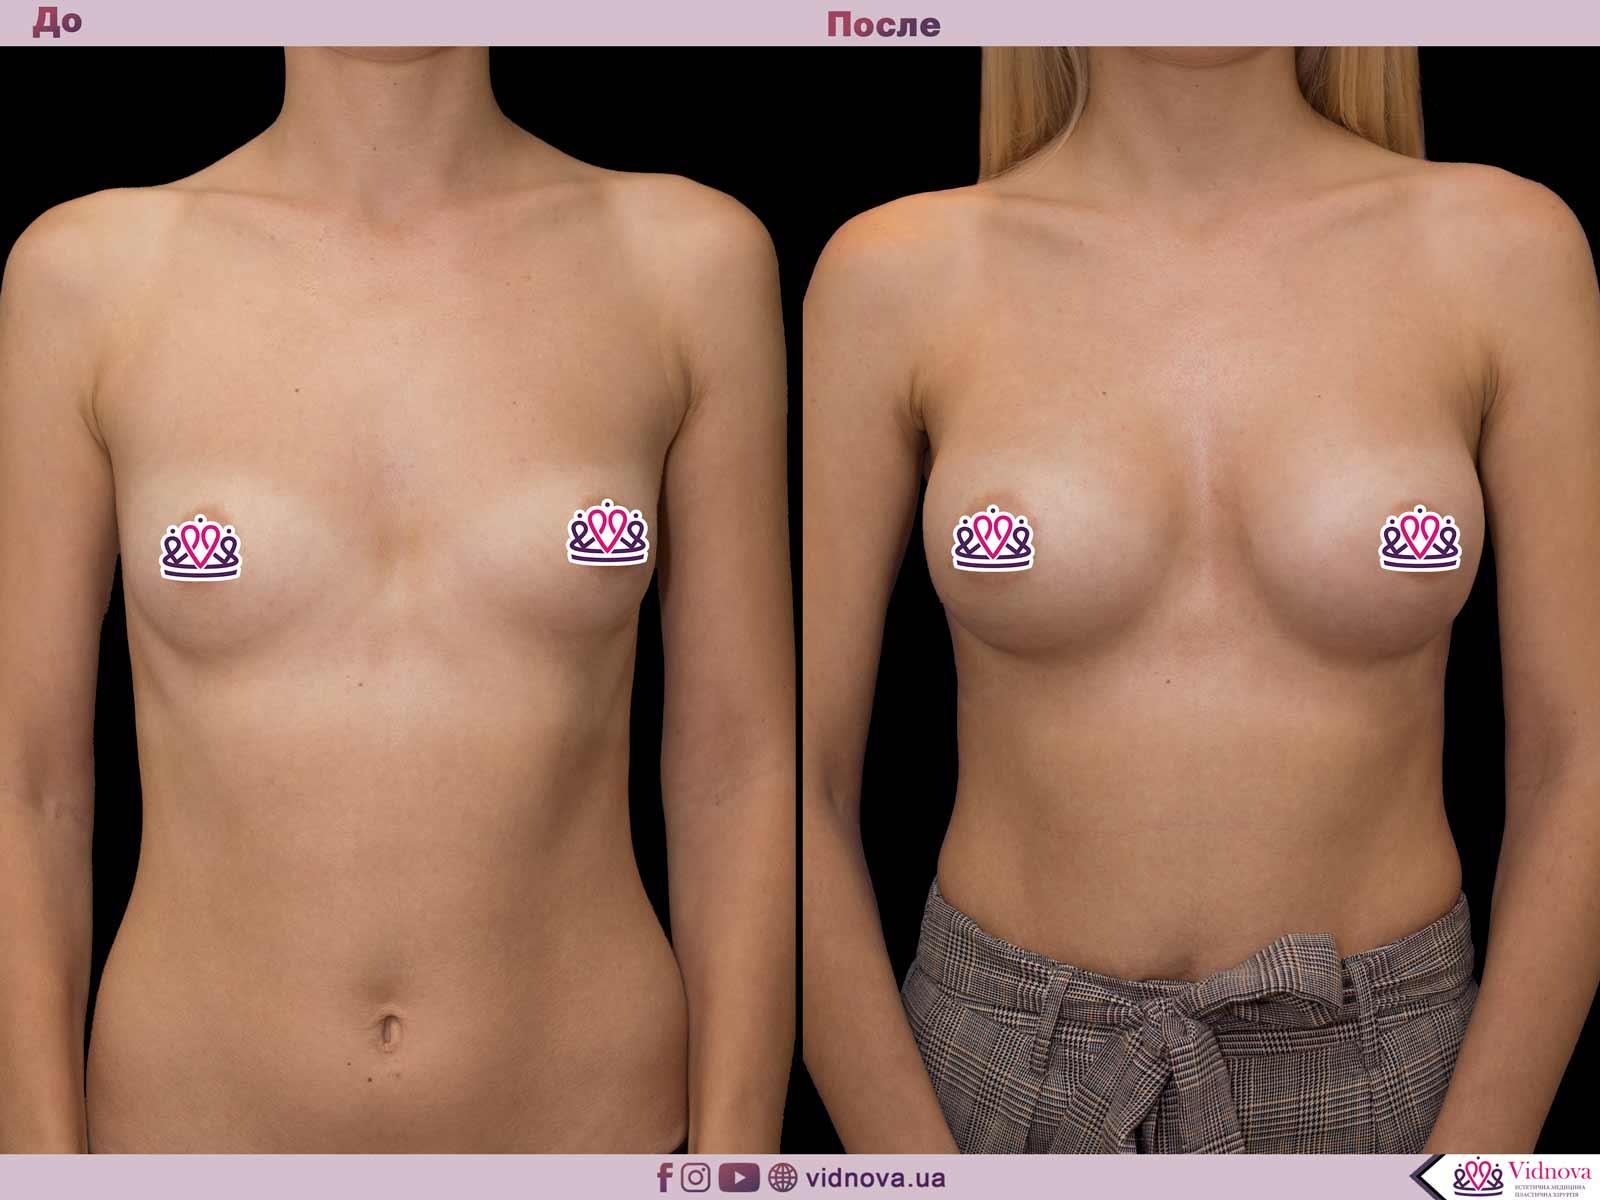 Пластика груди: результаты до и после - Пример №56-0 - Светлана Работенко